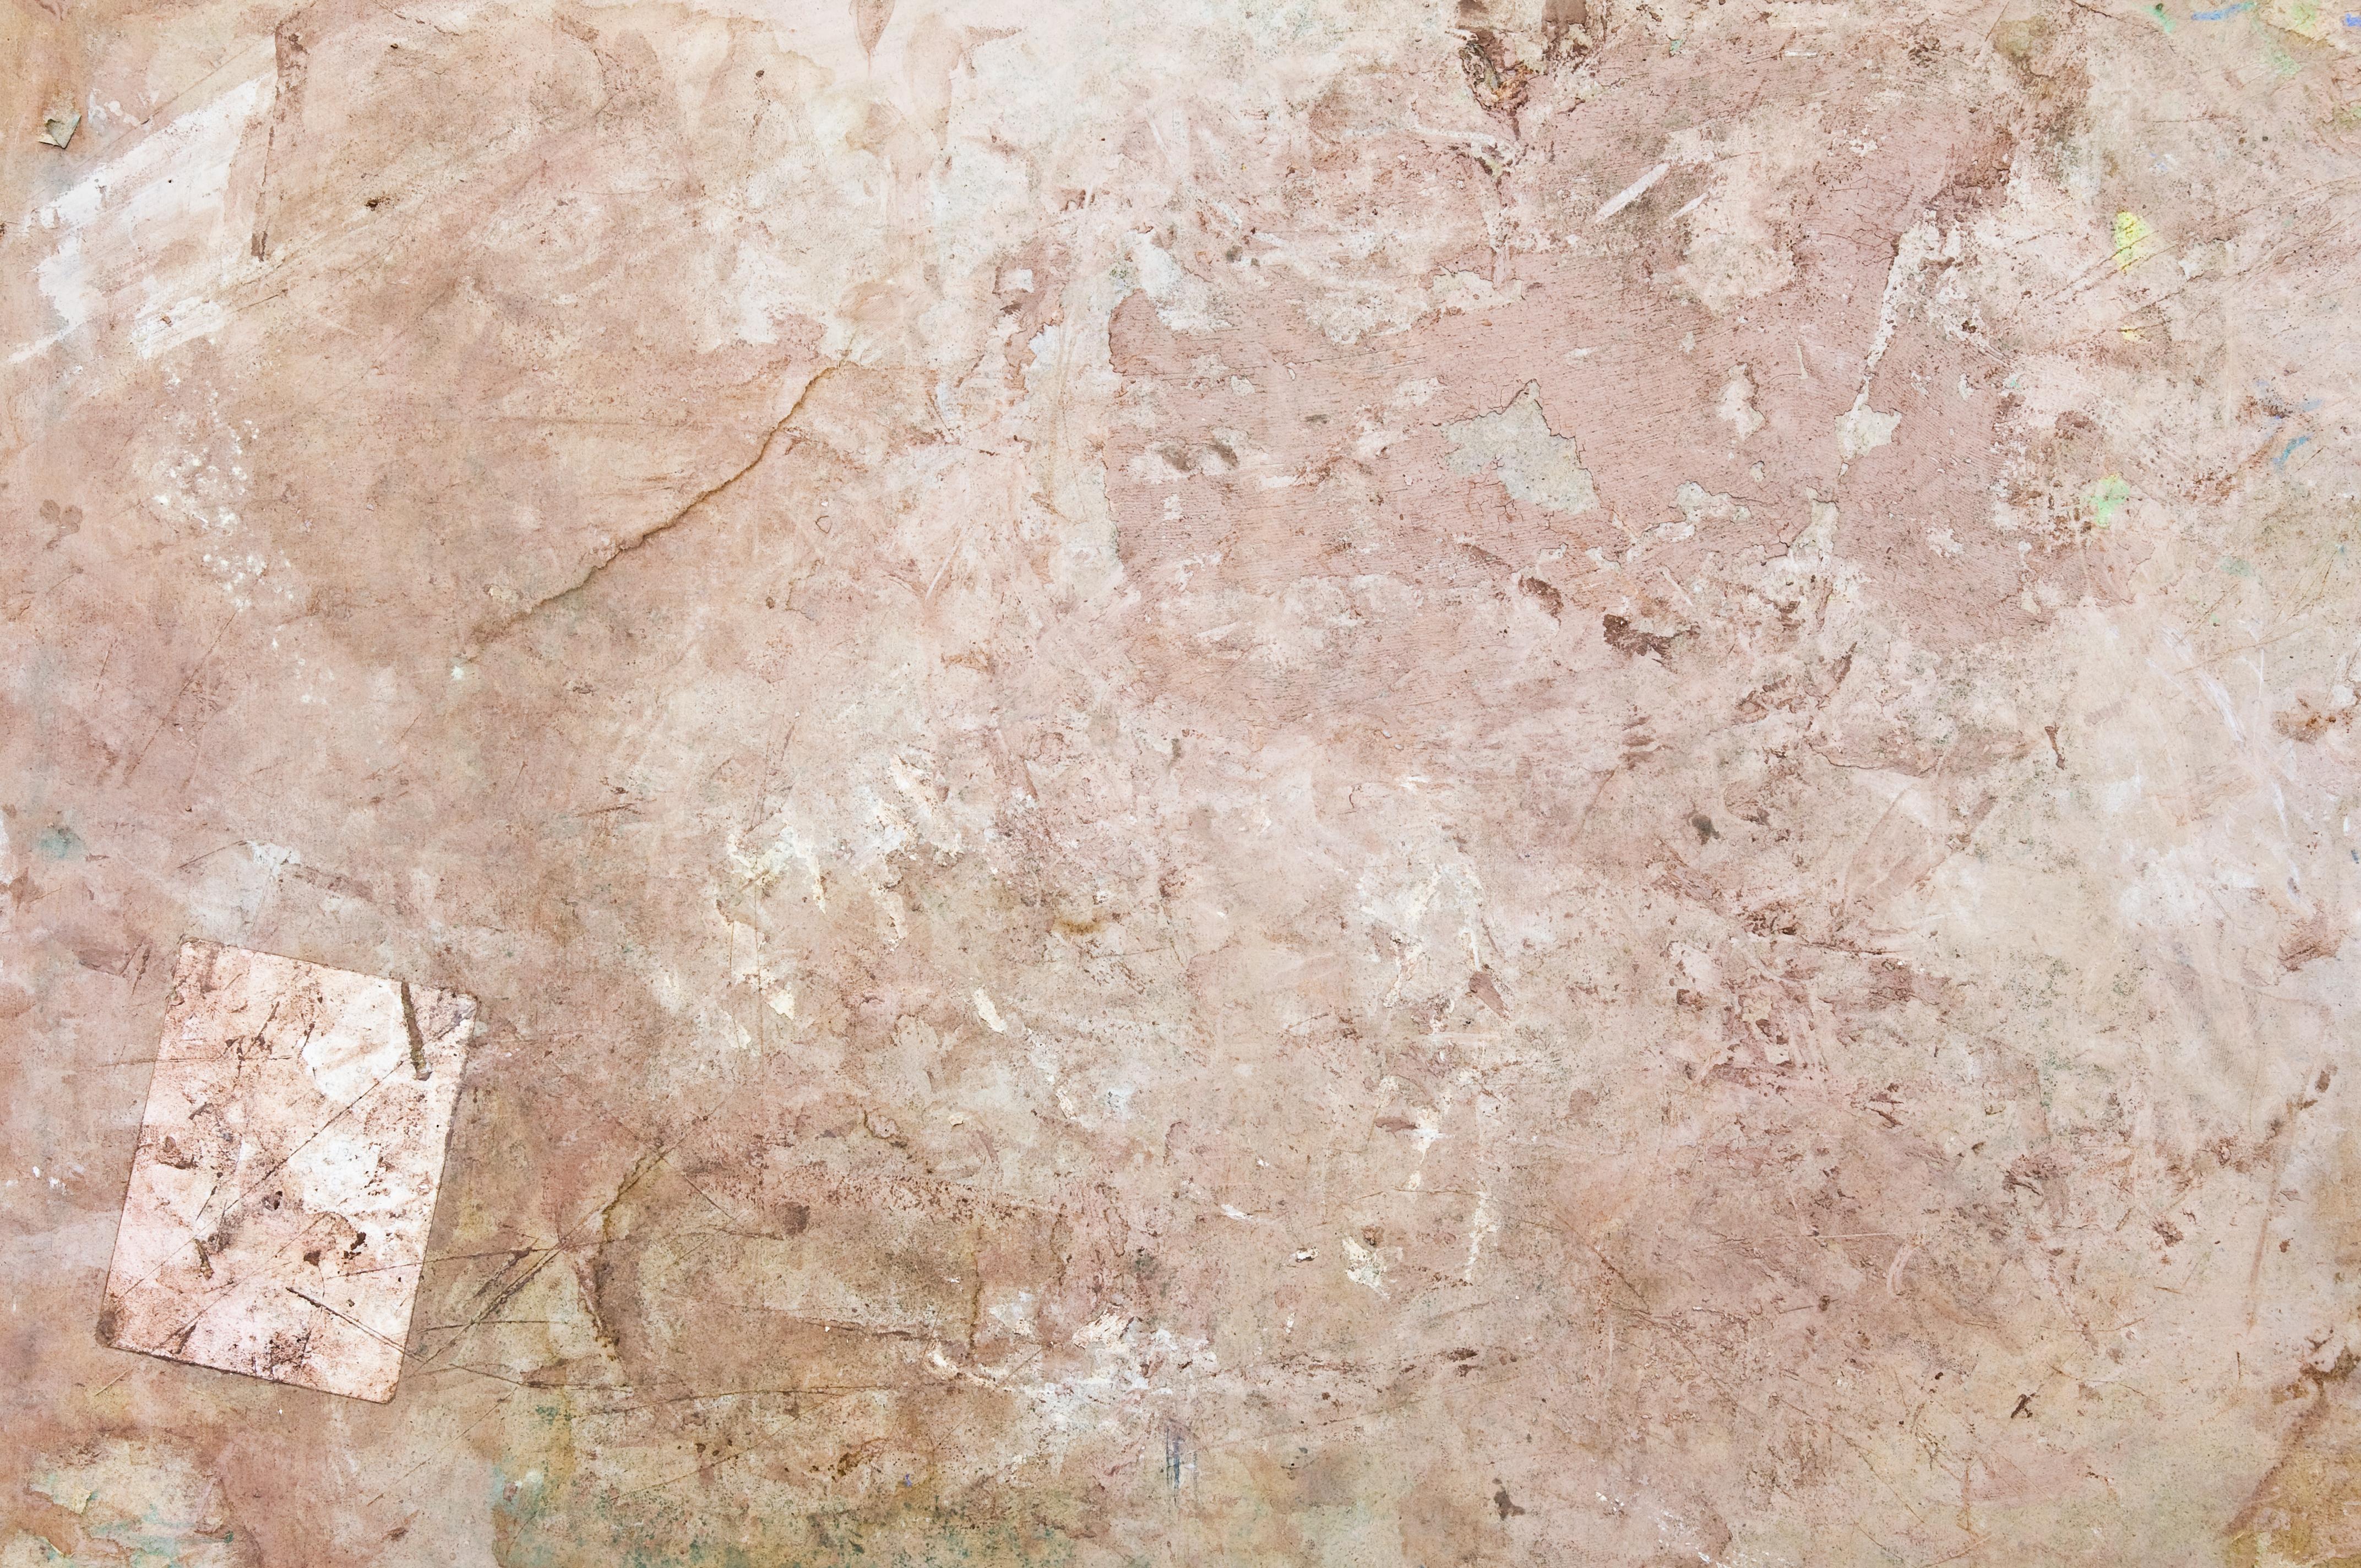 Kiki [Rihanna] Untitled_Texture_CCCXXXVI_by_aqueous_sun_textures